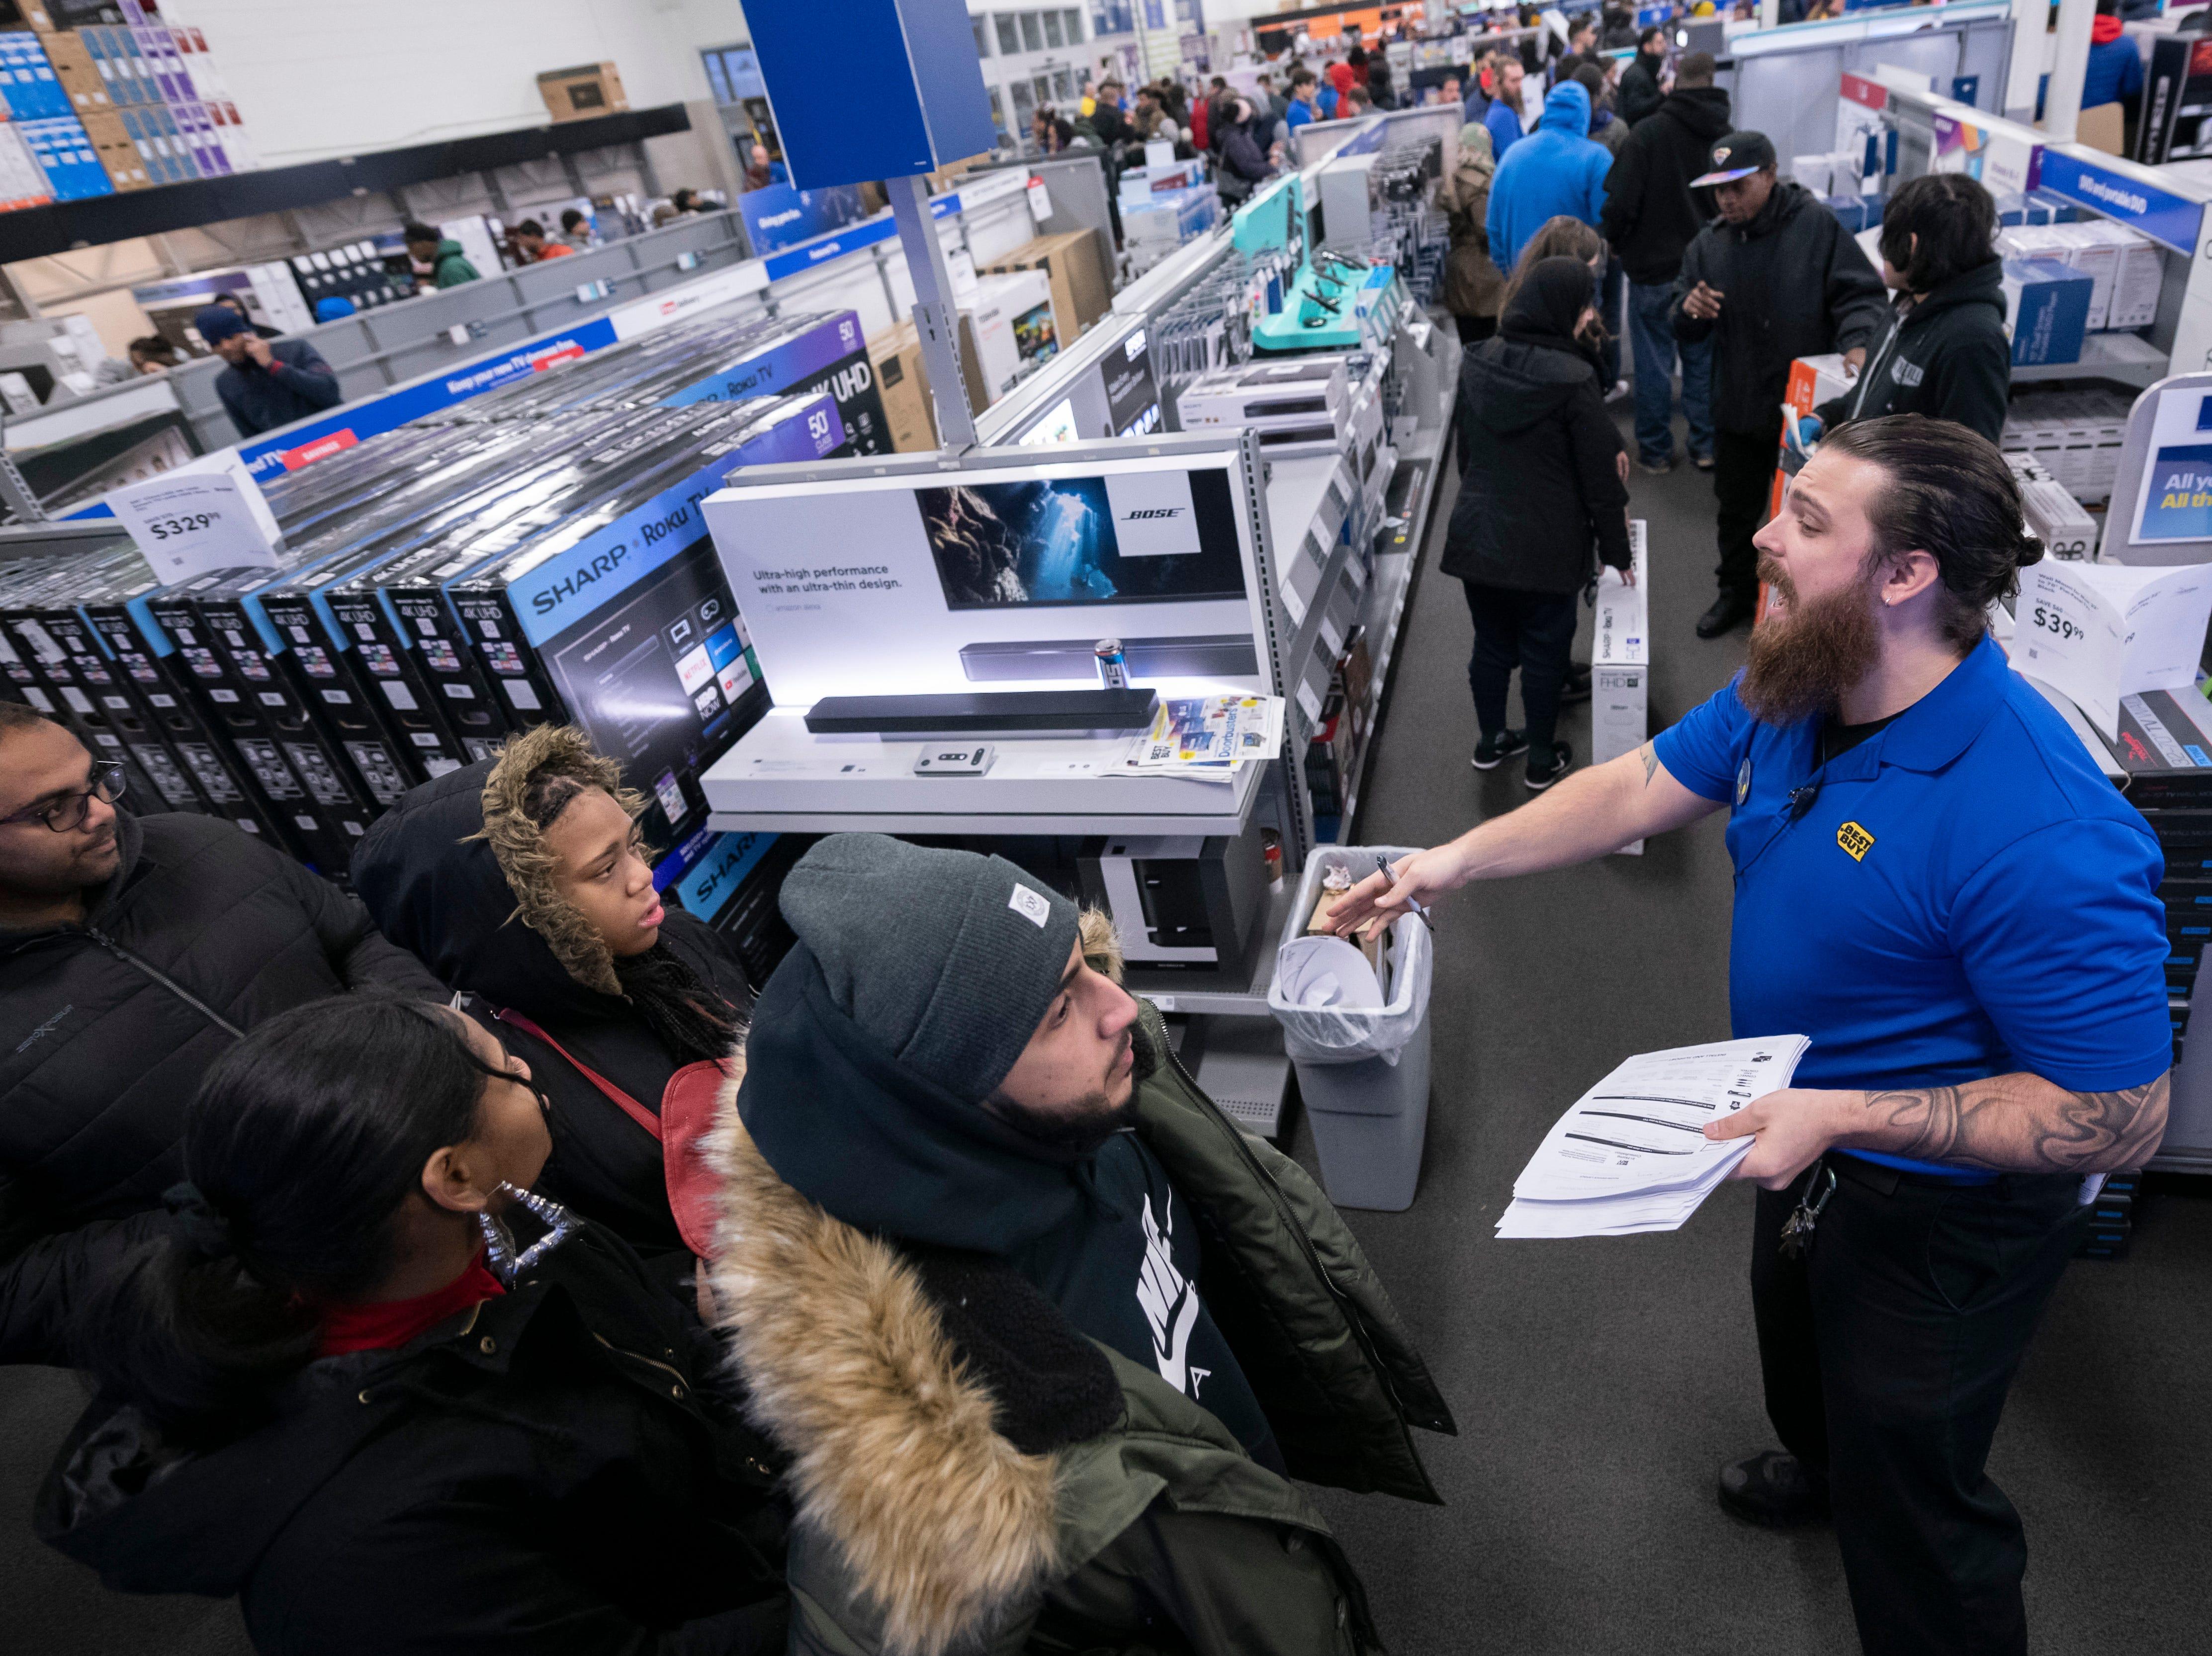 A sales clerk helps customers at Best Buy.